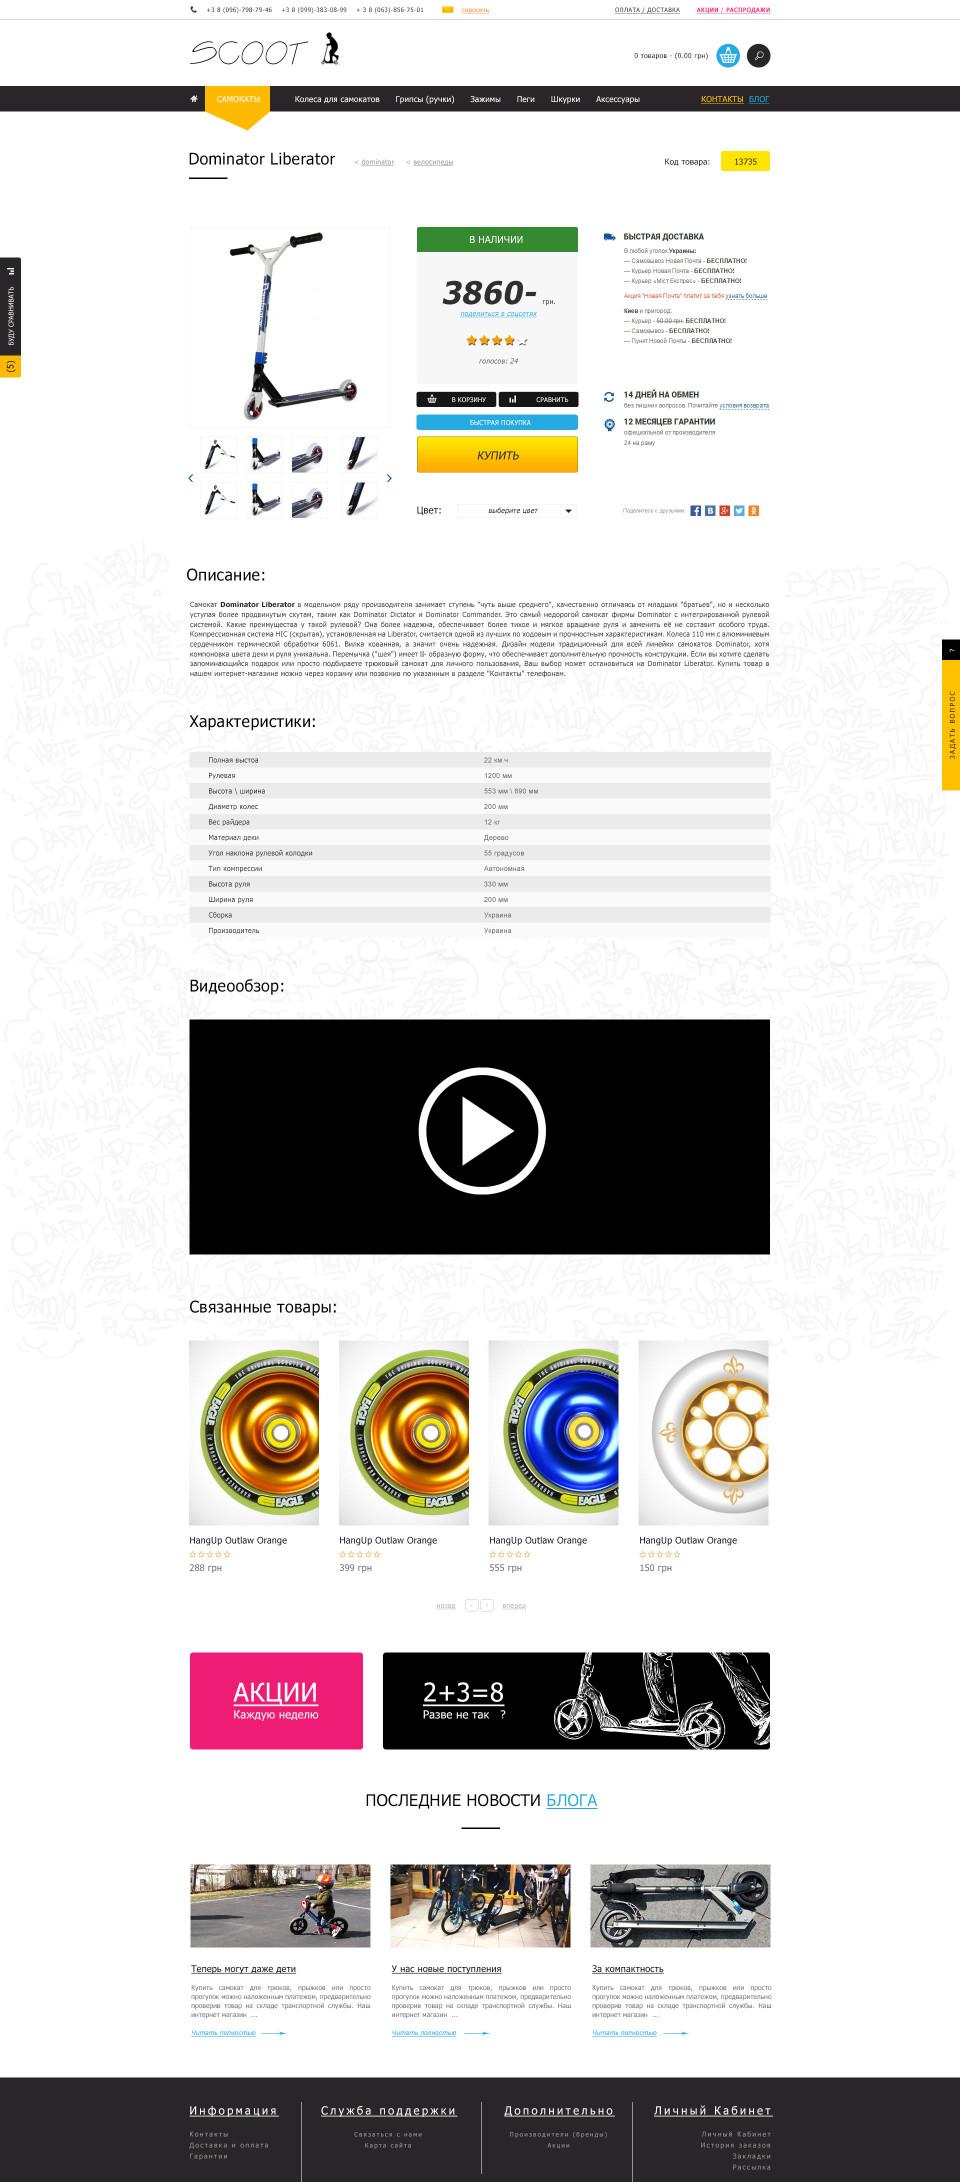 Интернет магазин трюковых самокатов Scoot - Страница продукта (макет)